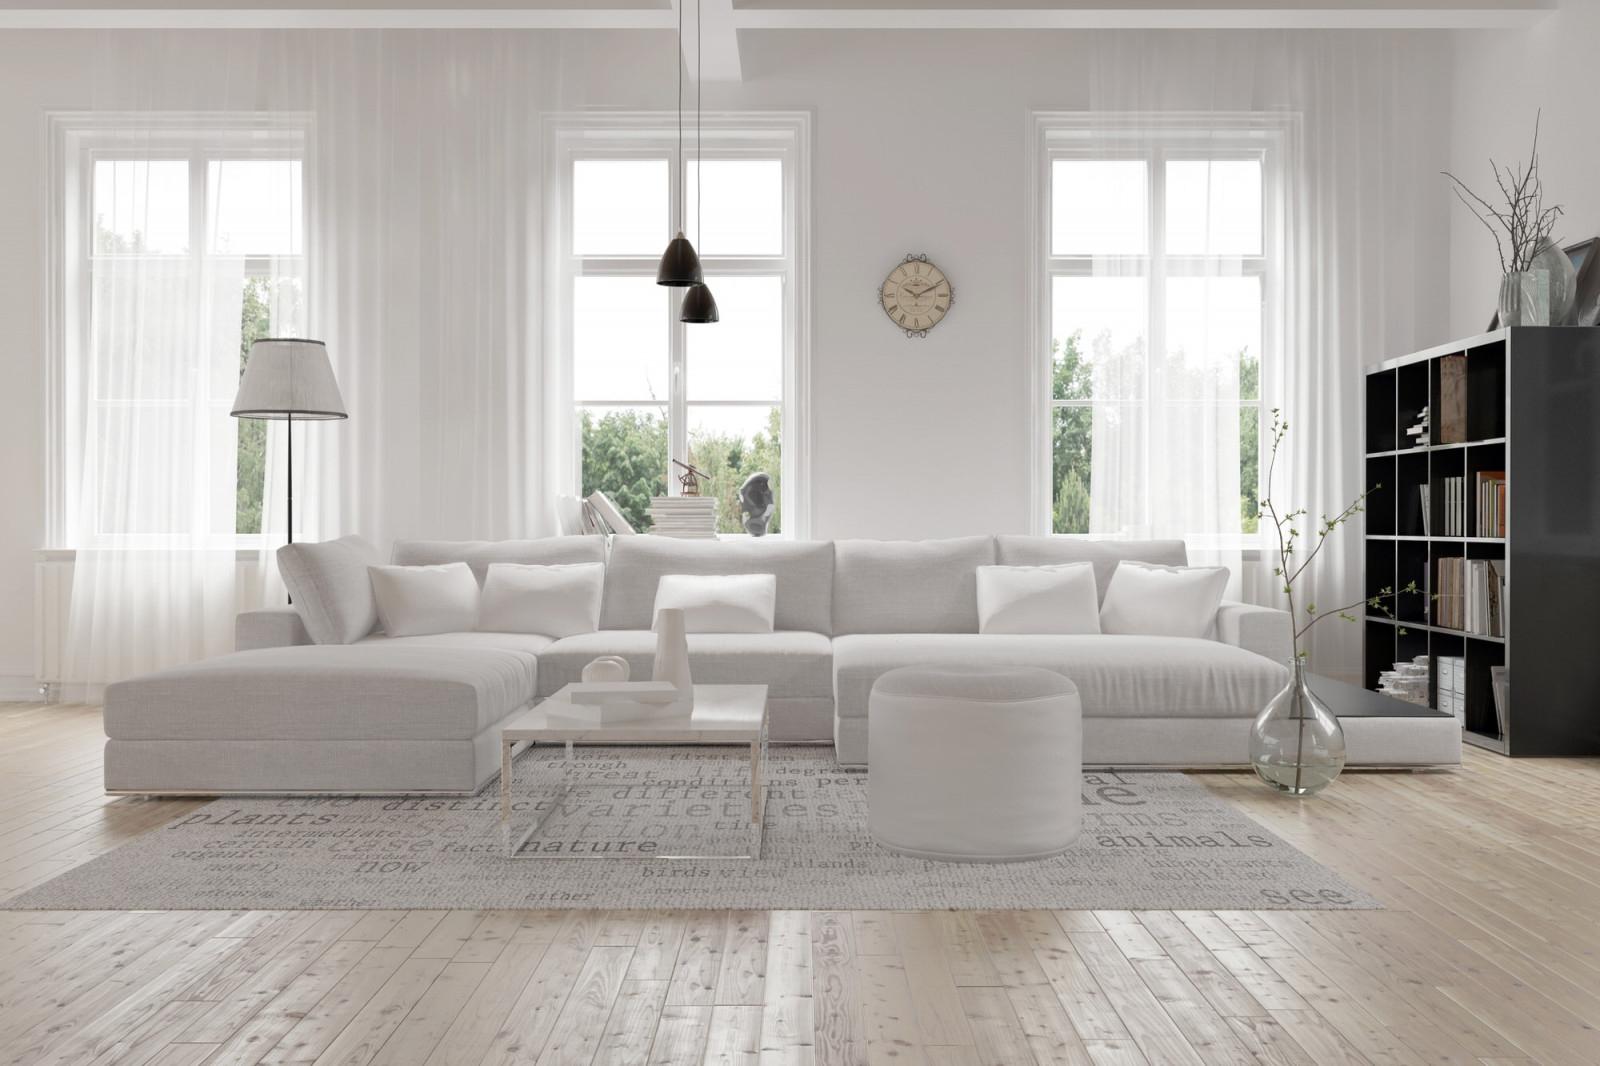 Große Räume Einrichten Und Gestalten – So Geht's  Heimhelden von Großes Wohnzimmer Gestalten Photo